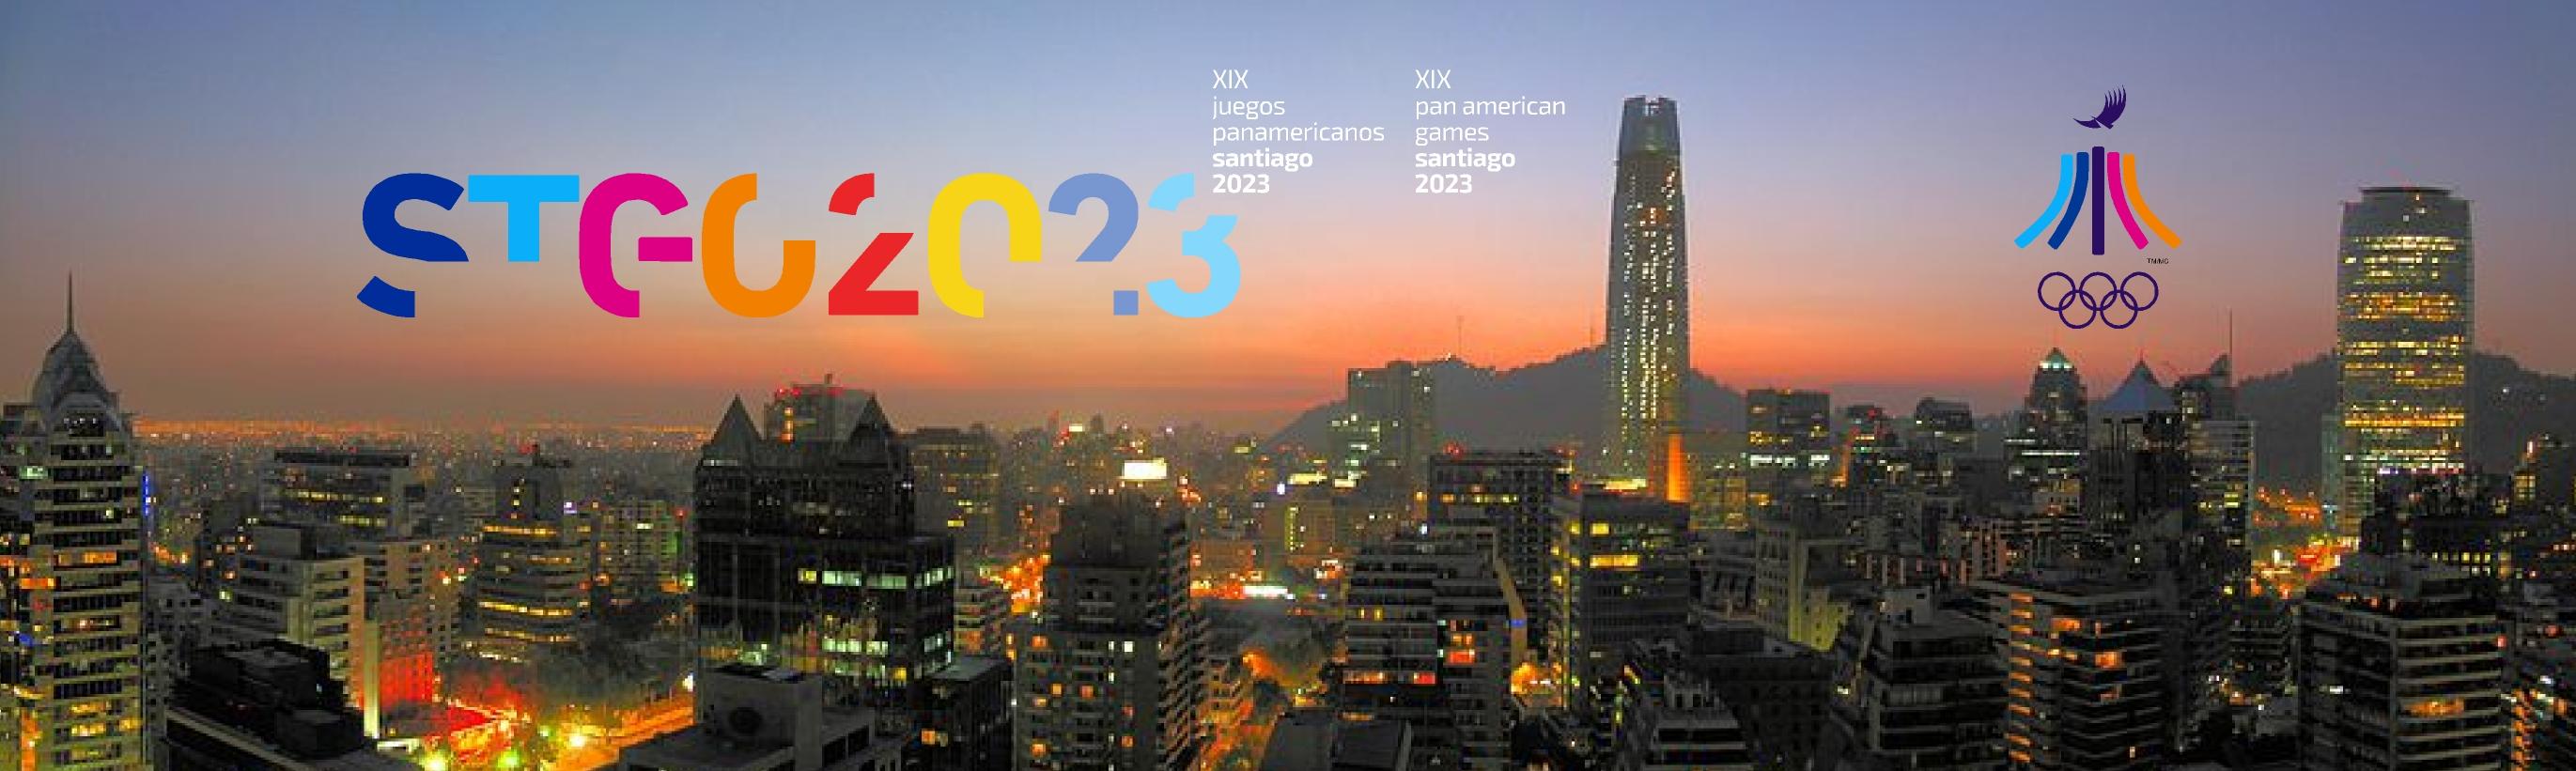 XIX Juegos Panamericanos de Santiago 2023- Prensa 7 de mayo 2017